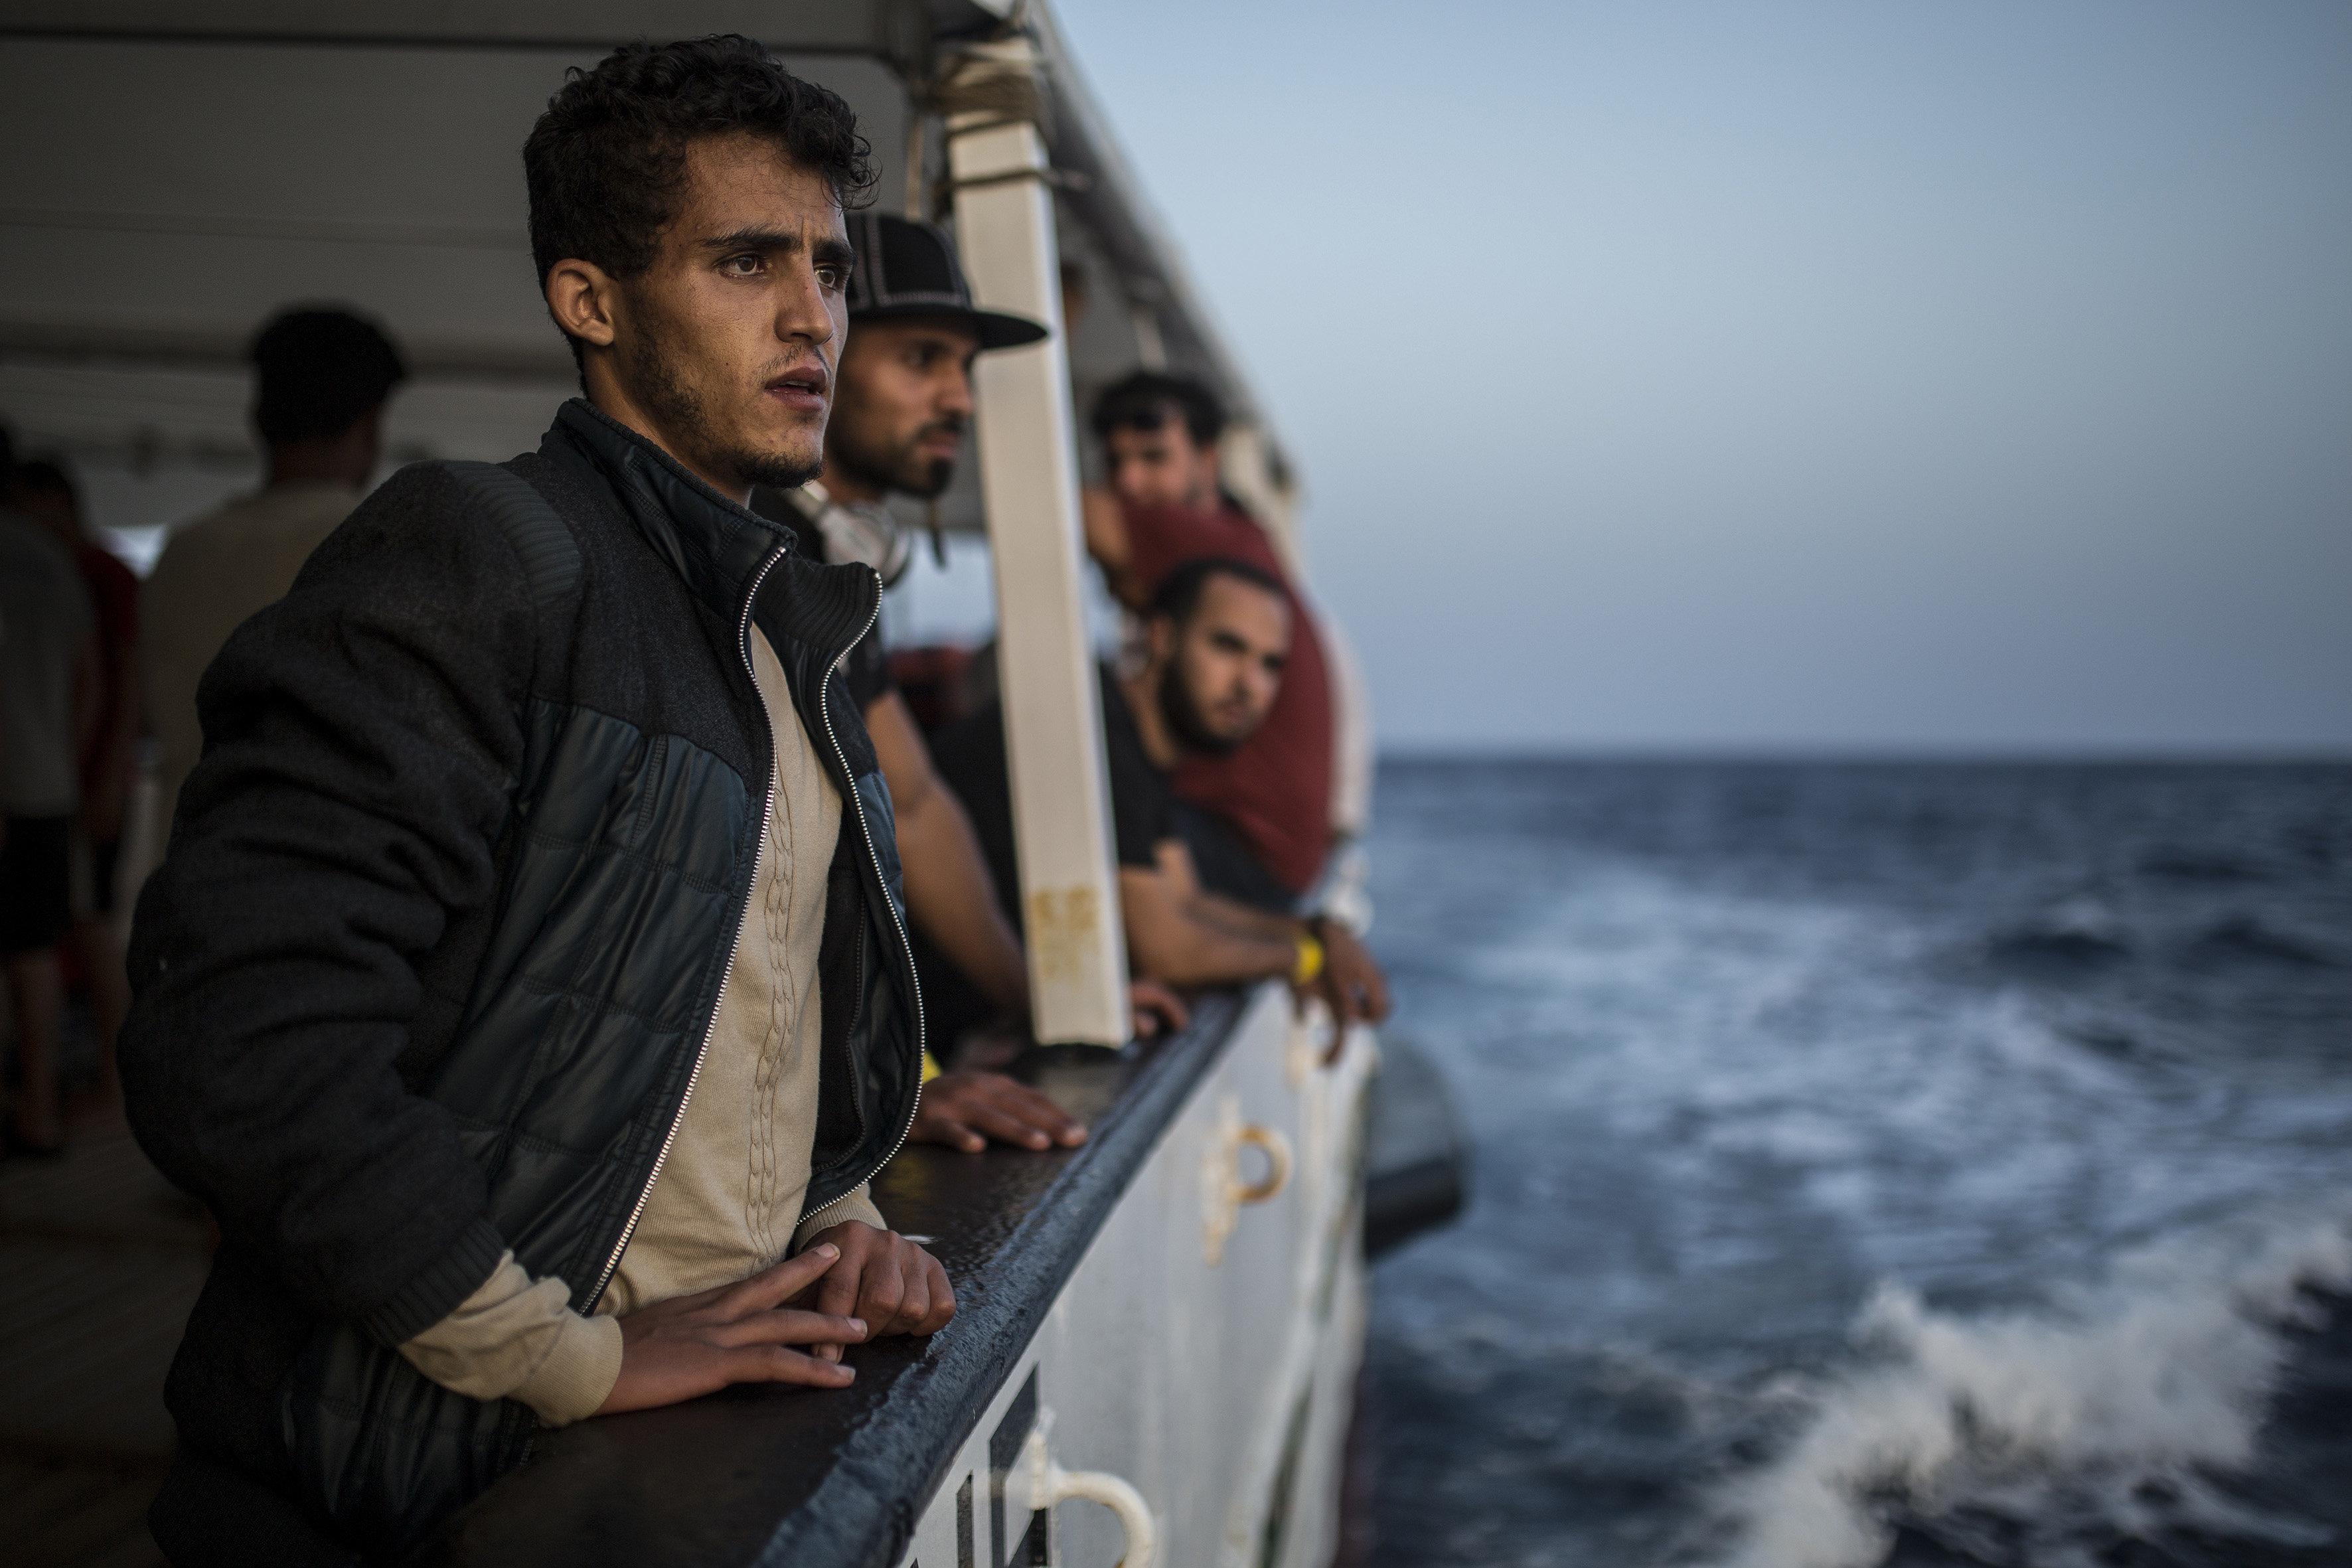 Exklusiv: Mehrheit der Deutschen für private Seenotrettung auf dem Mittelmeer